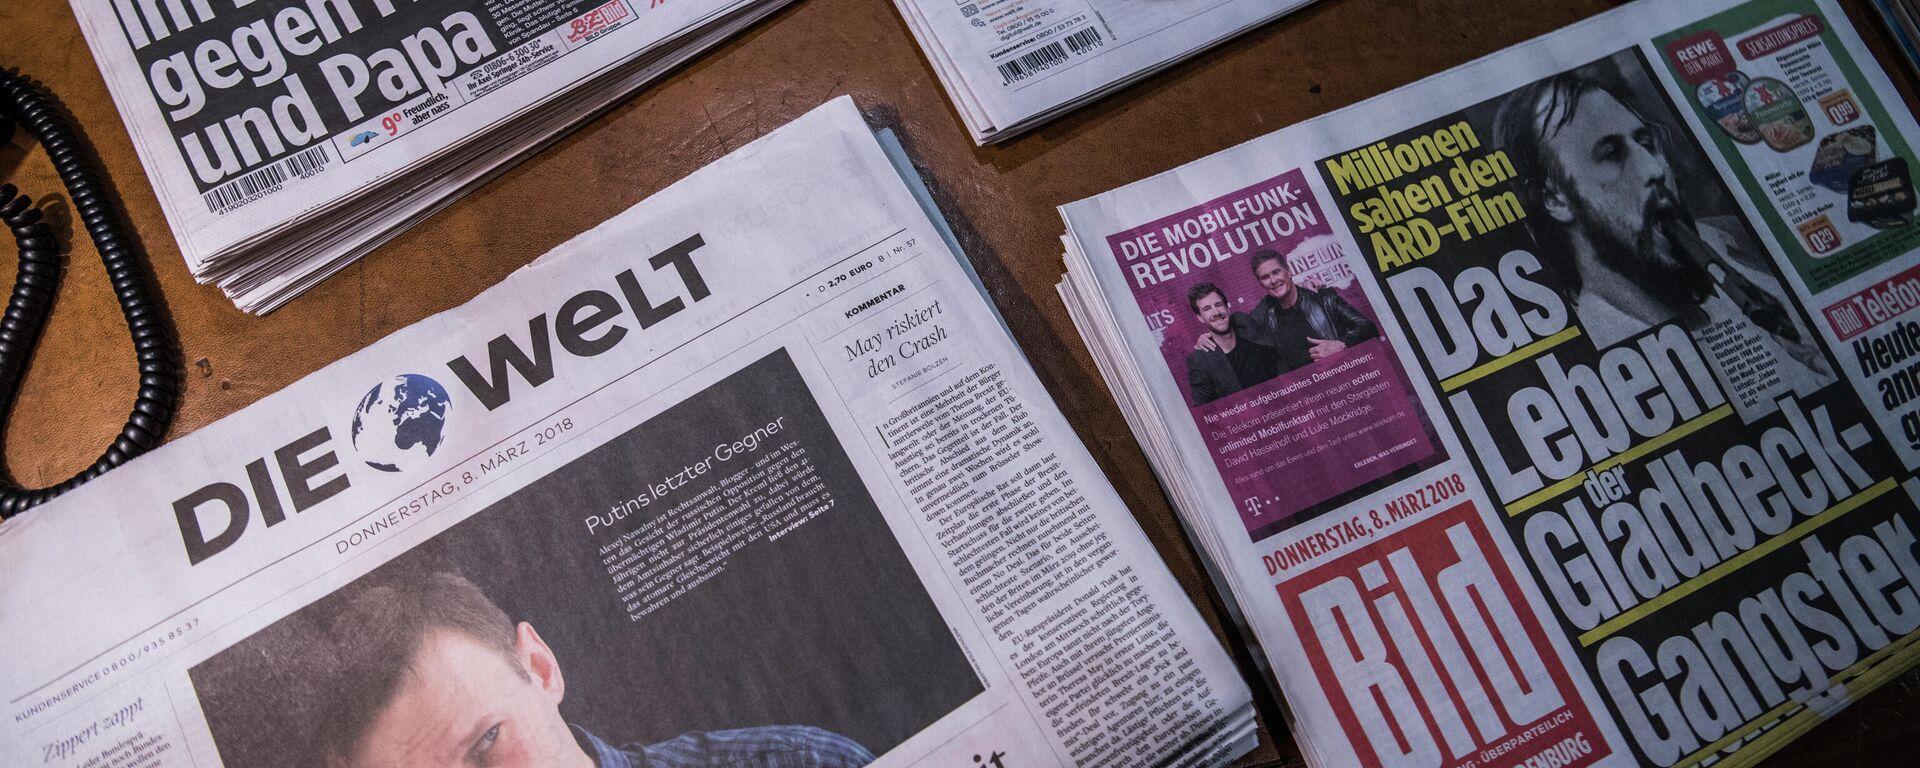 Zeitungen werden während der Pressekonferenz zum Jahresergebnis des deutschen Medienriesen Axel Springer am 8. März 2018 in Berlin ausgestellt. Archivfoto - SNA, 1920, 10.03.2021